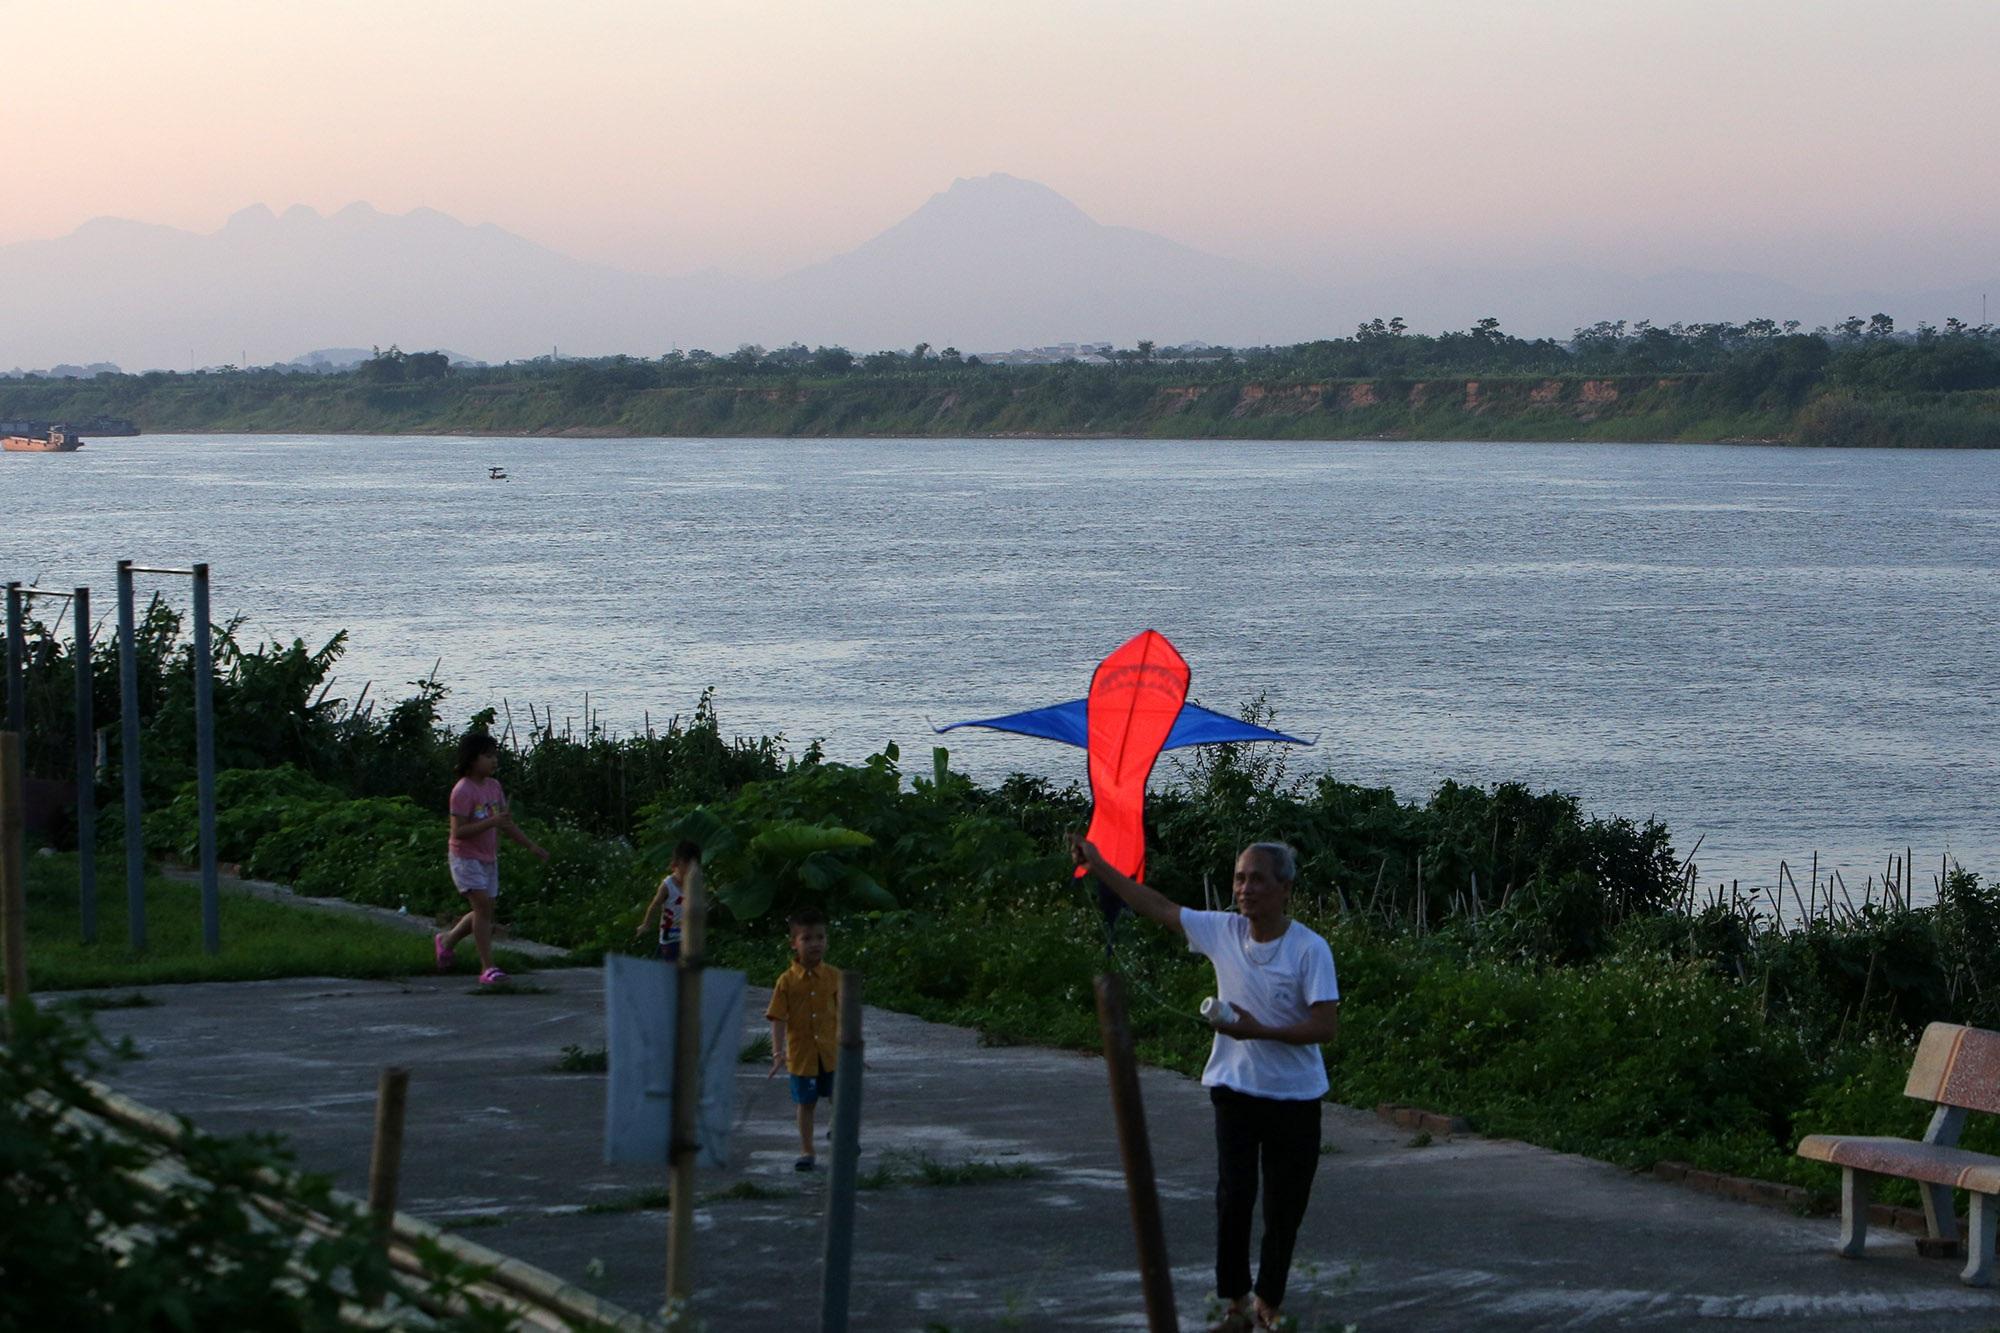 Phong cảnh bình yên nhìn từ những triền đê ở Hà Nội - 11